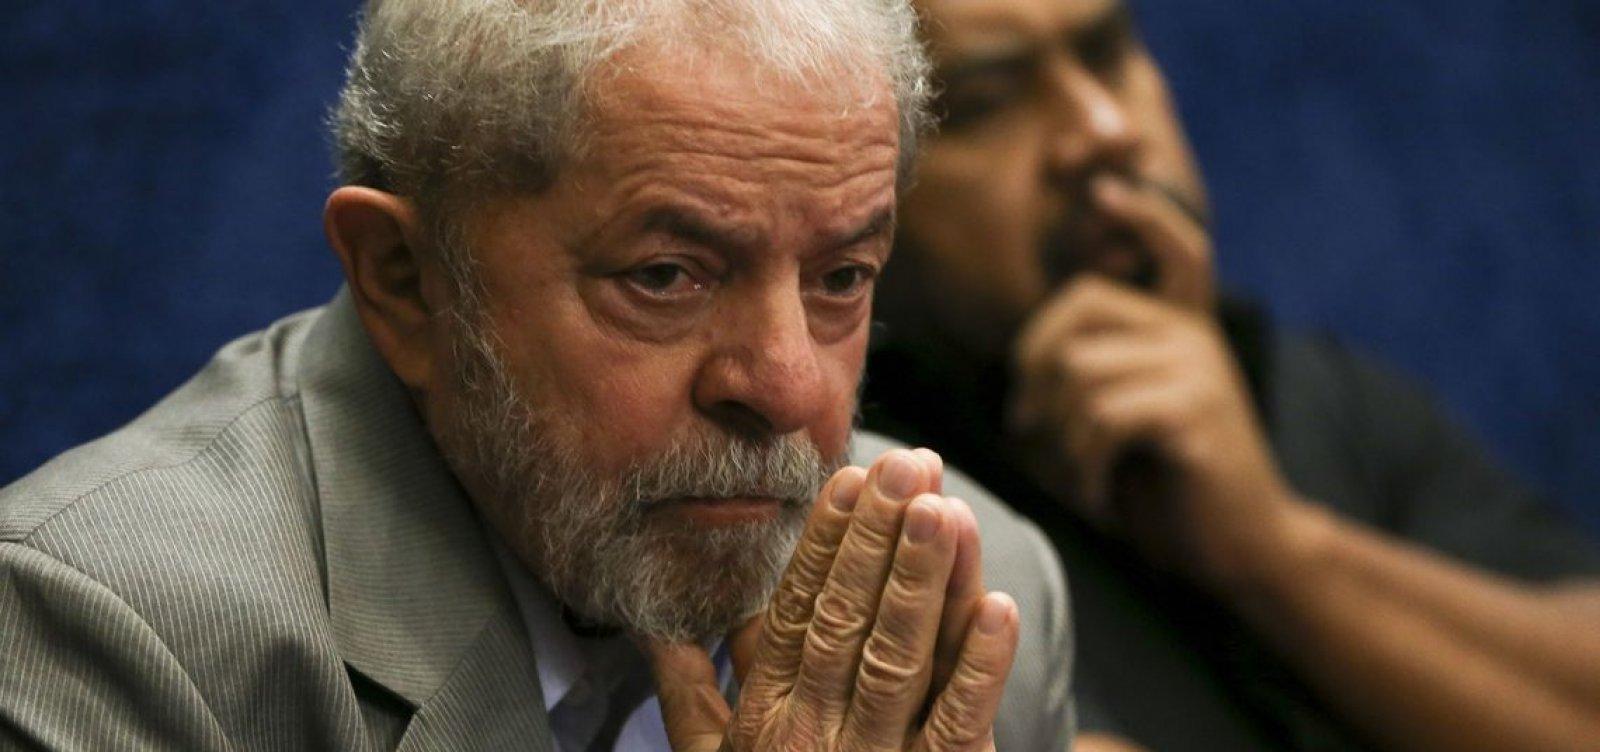 [STJ aceita pedido de Lula e suspende julgamento sobre sítio de Atibaia no TRF-4]